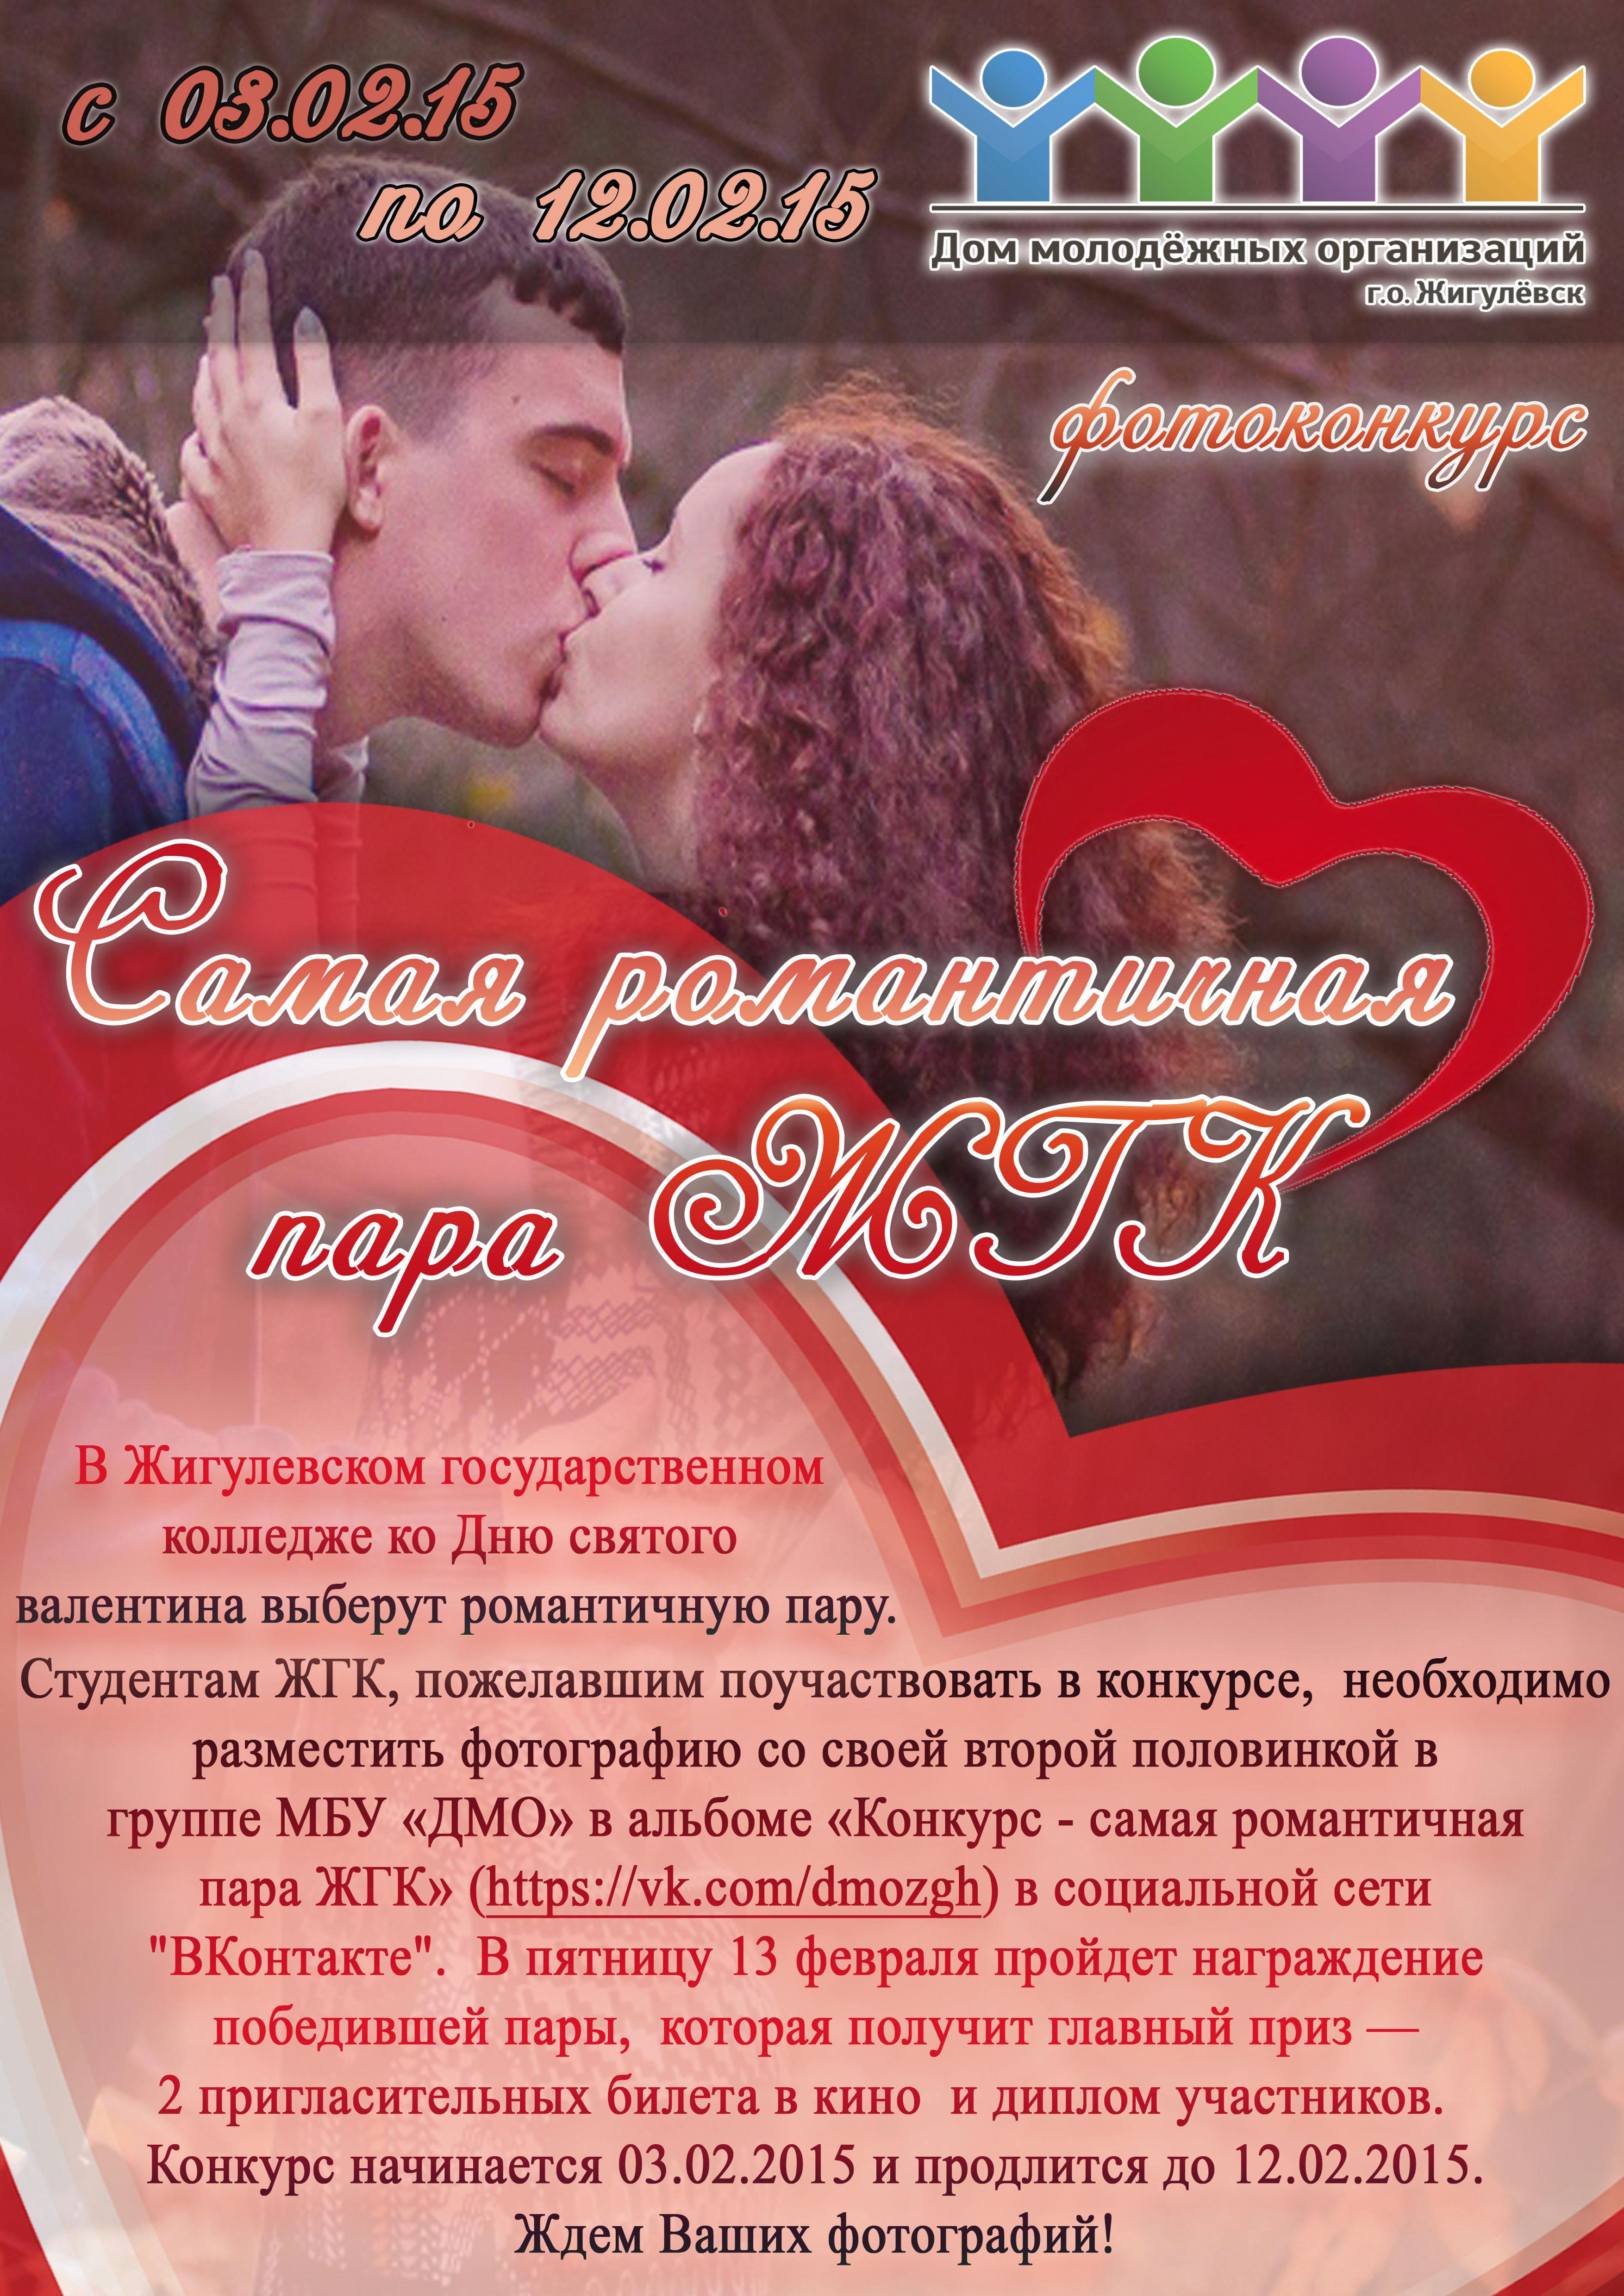 афиша-Самая-прекрасная-пара11